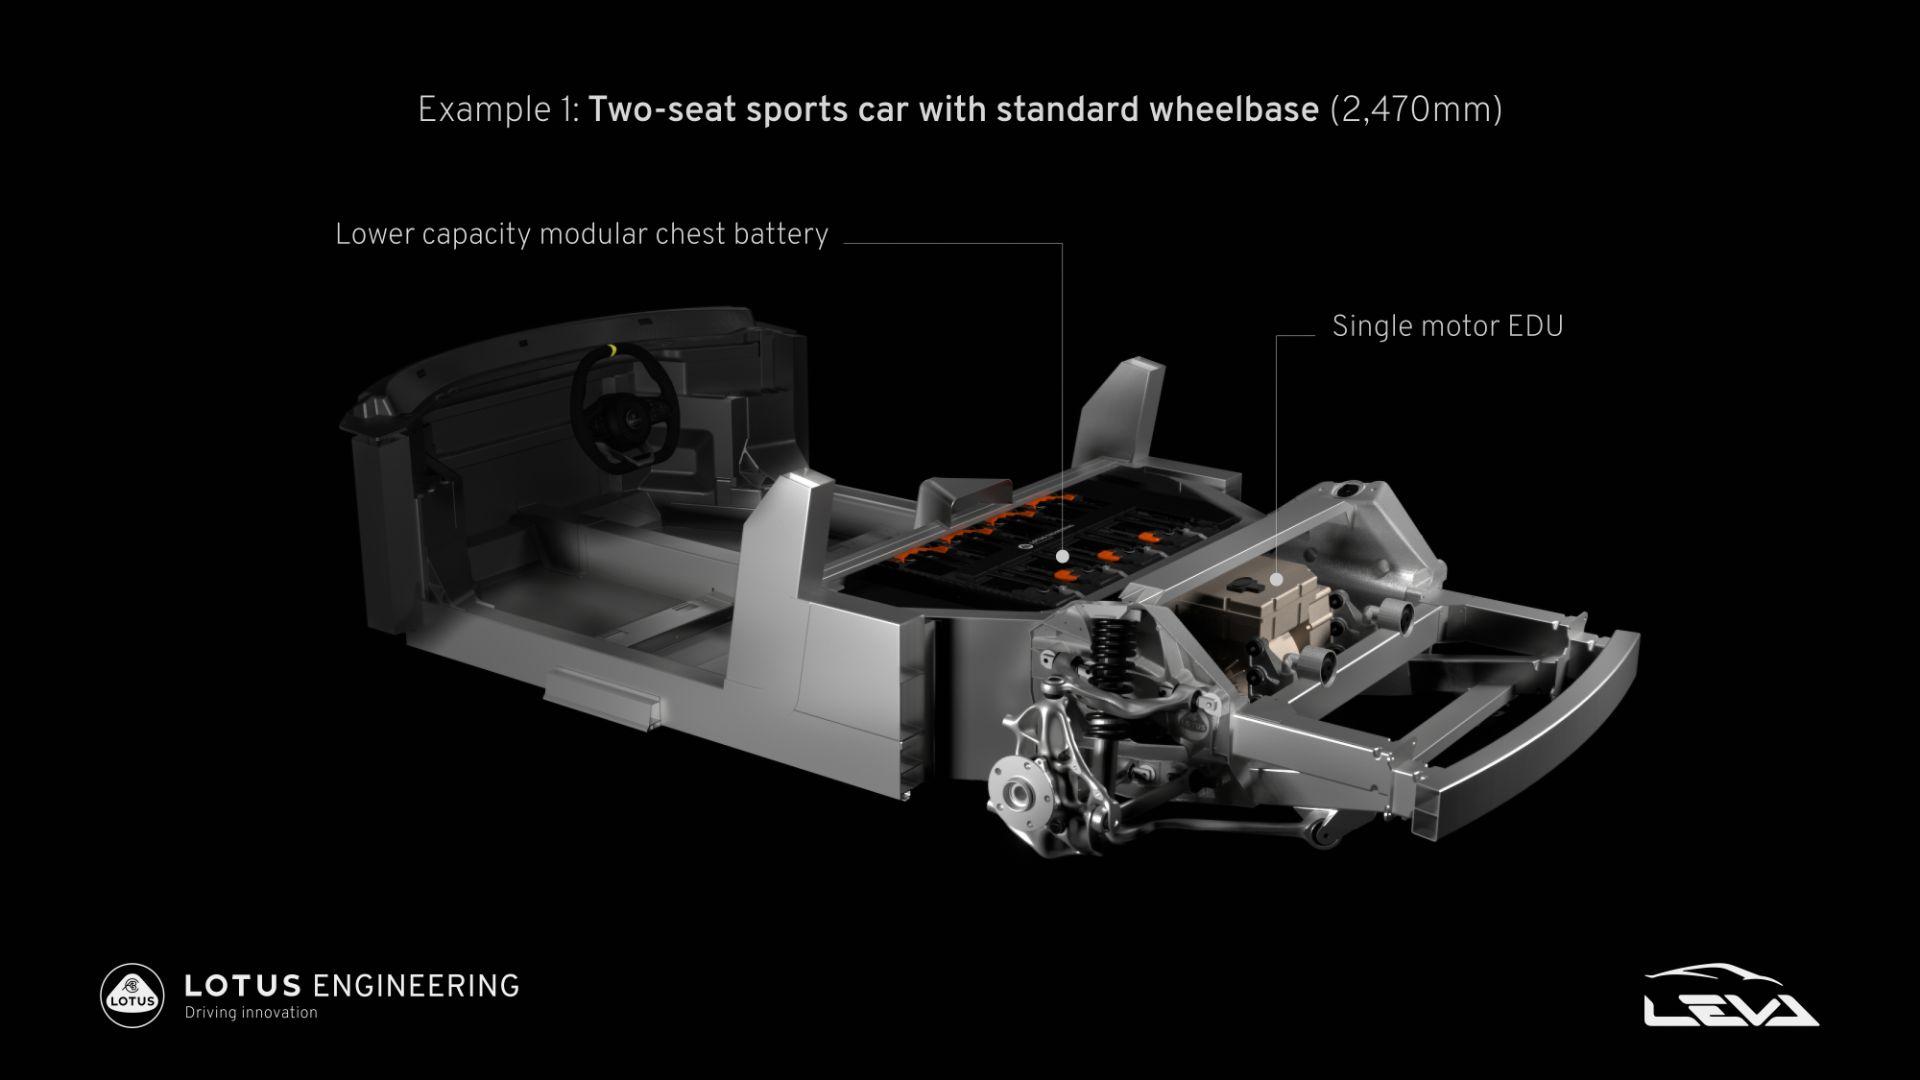 Elise继任者 路特斯全新电动跑车将在2026年推出